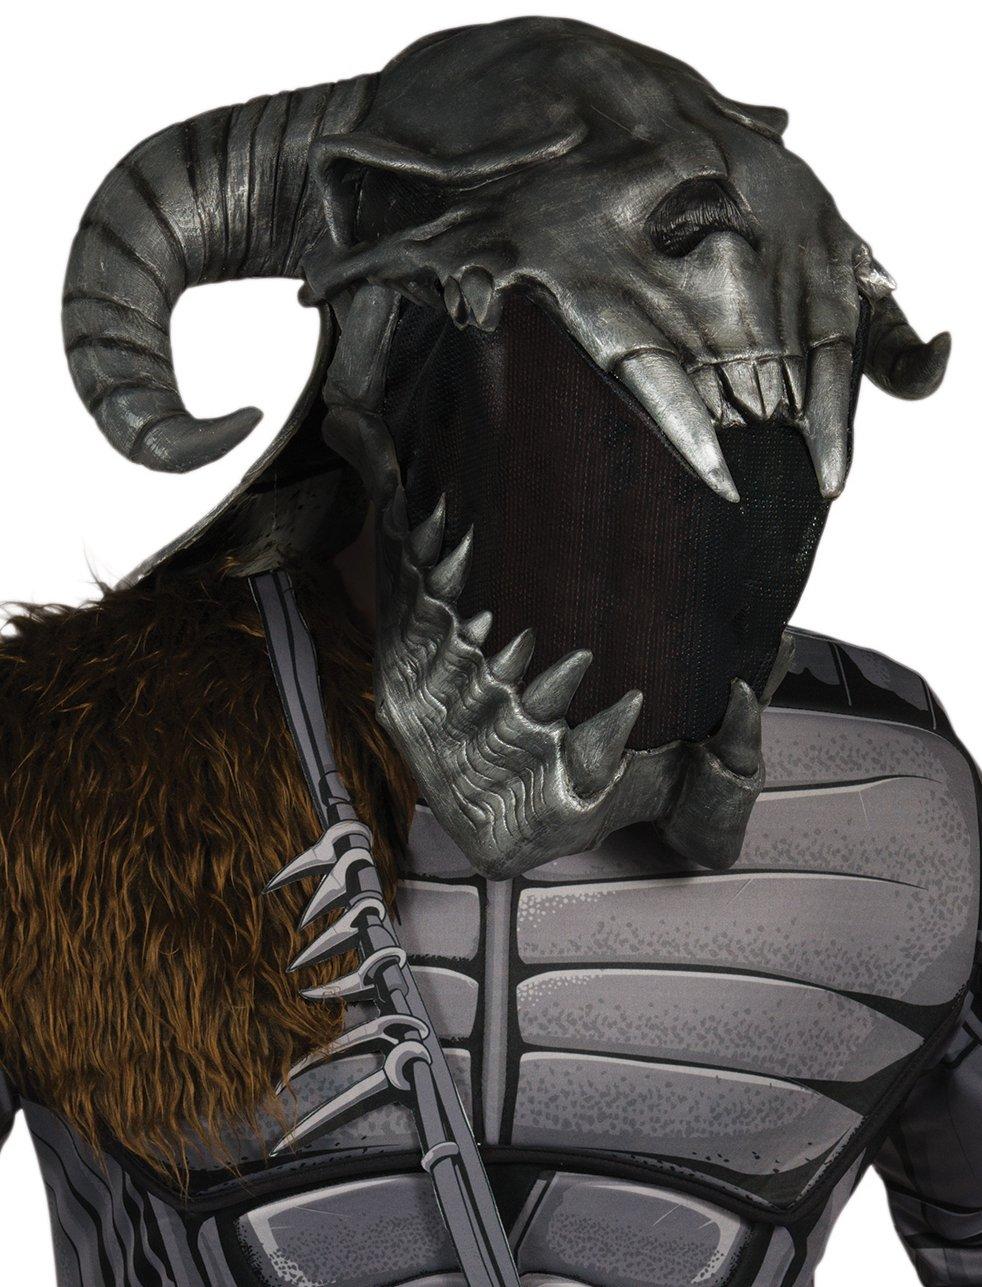 directo de fábrica Wonder Woman Movie Ares Adult Latex Latex Latex Costume Mask  descuento de ventas